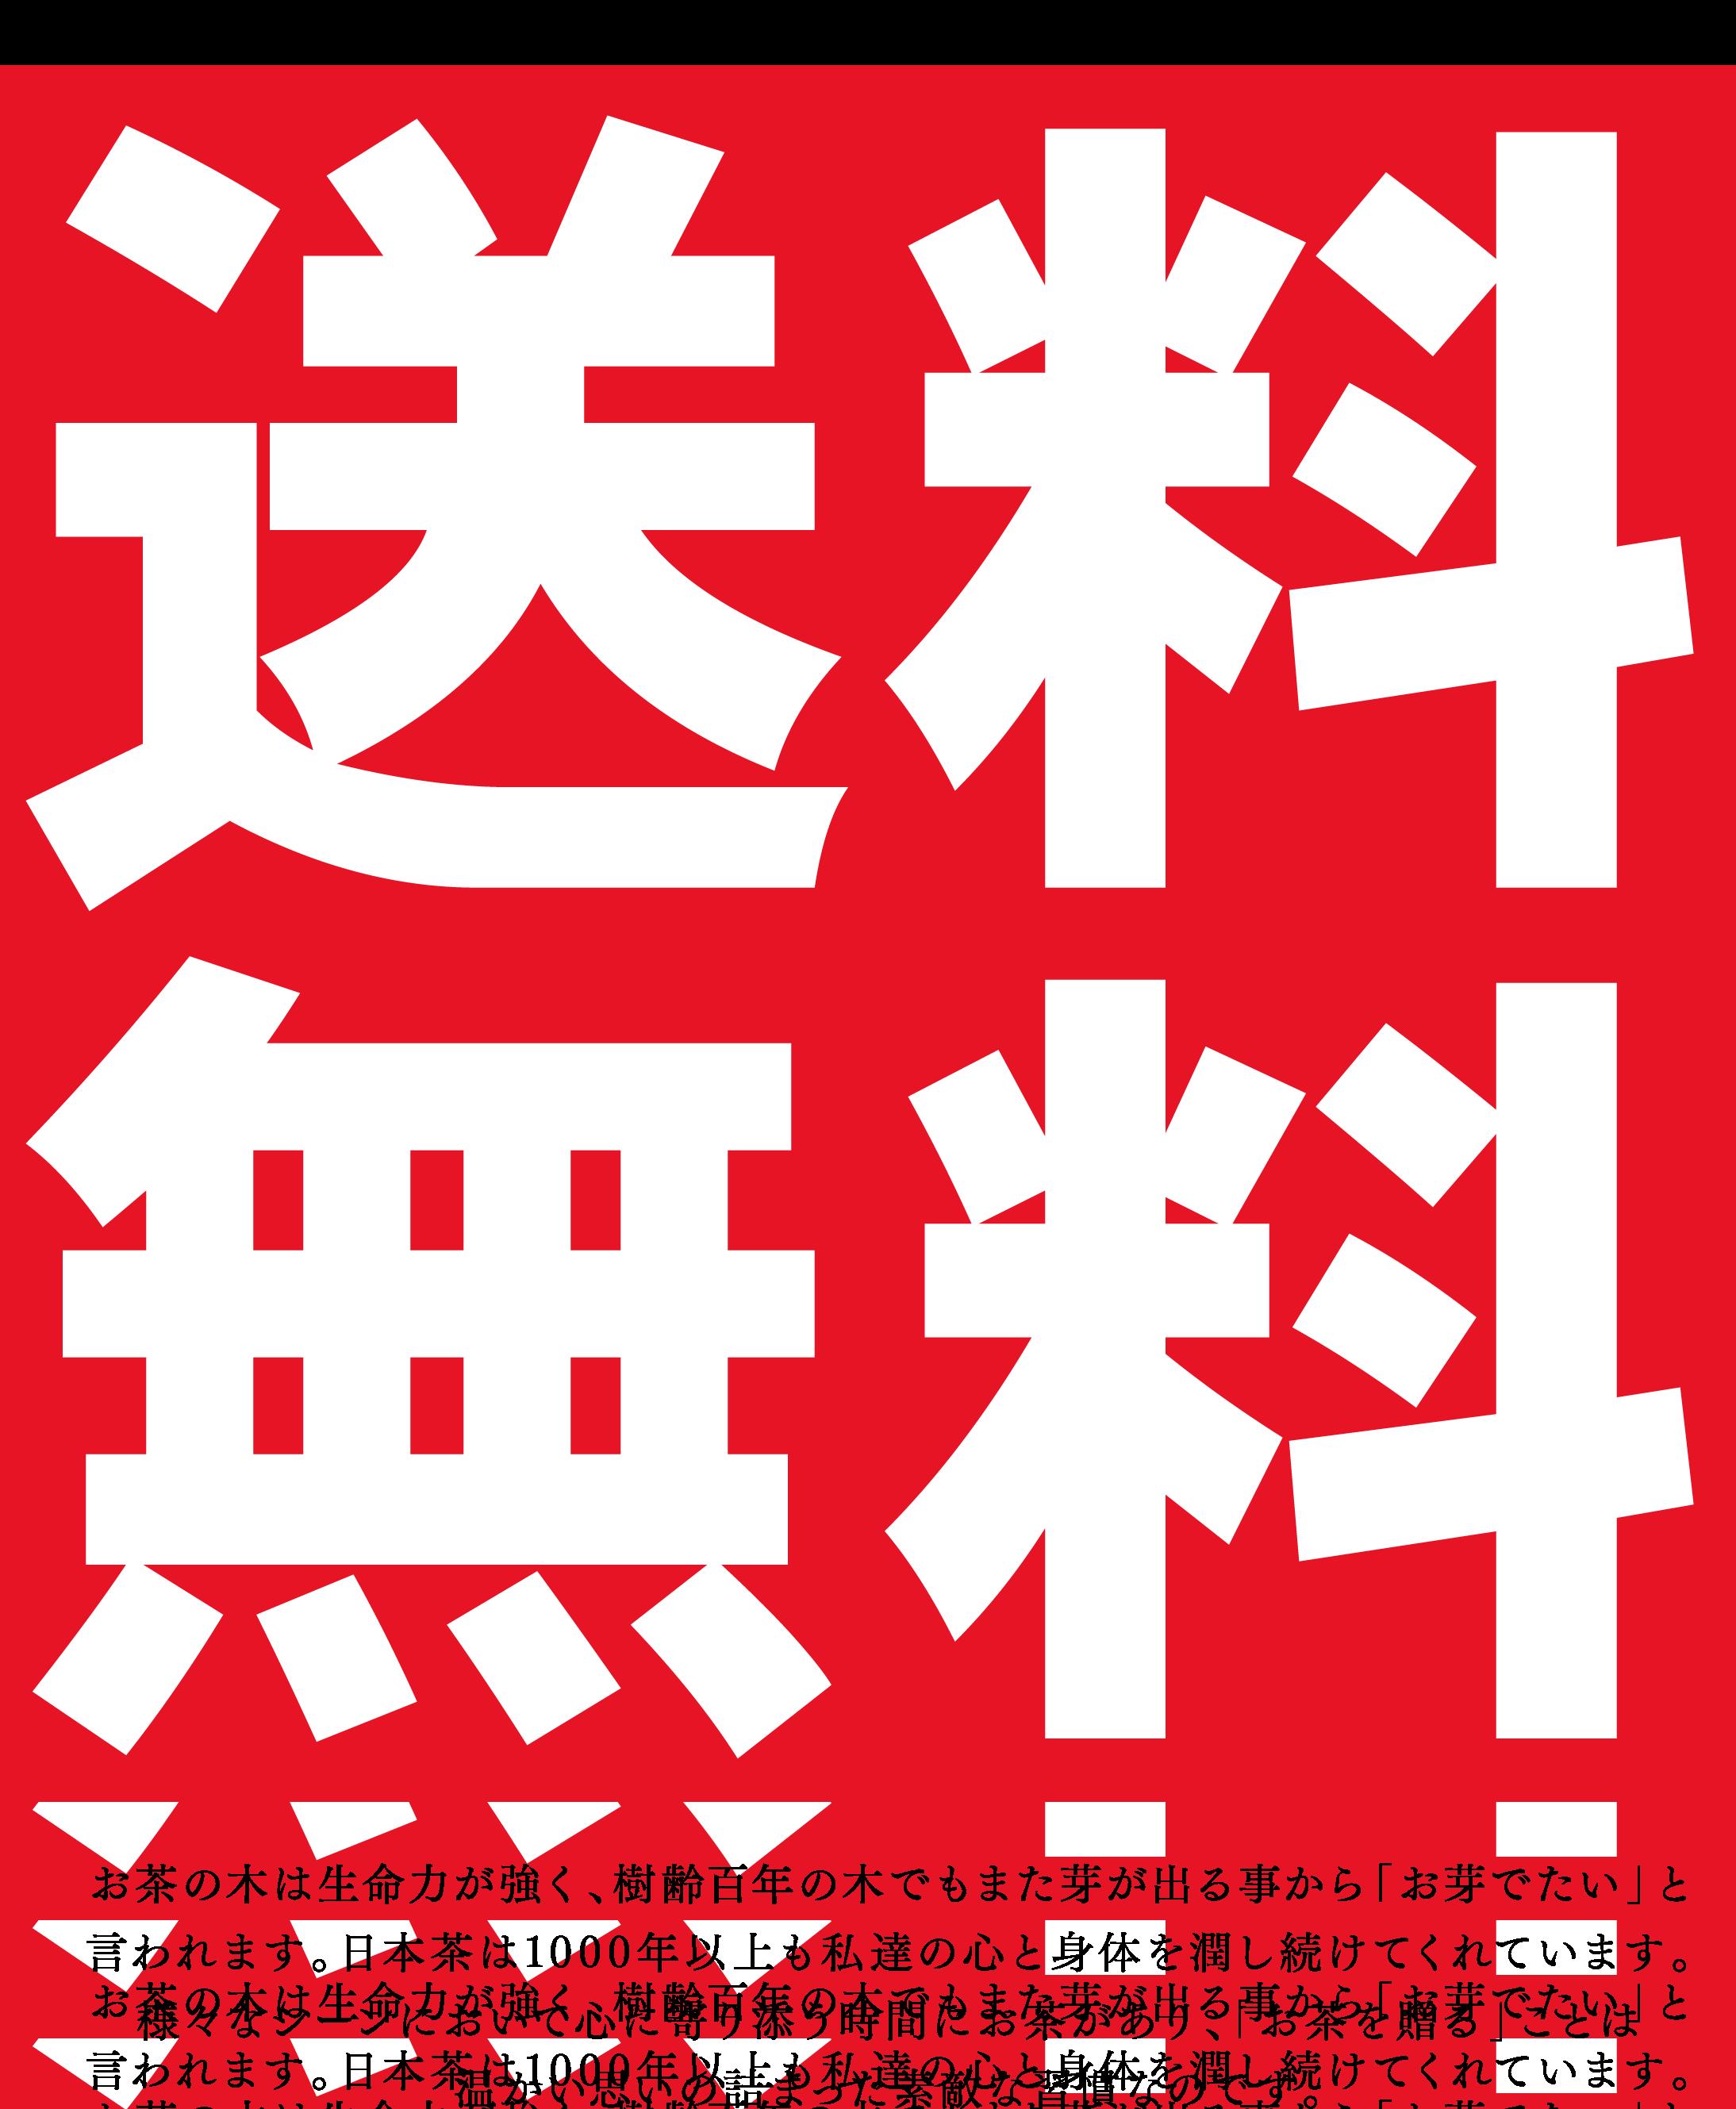 「宮崎茶送料無料キャンペーン」